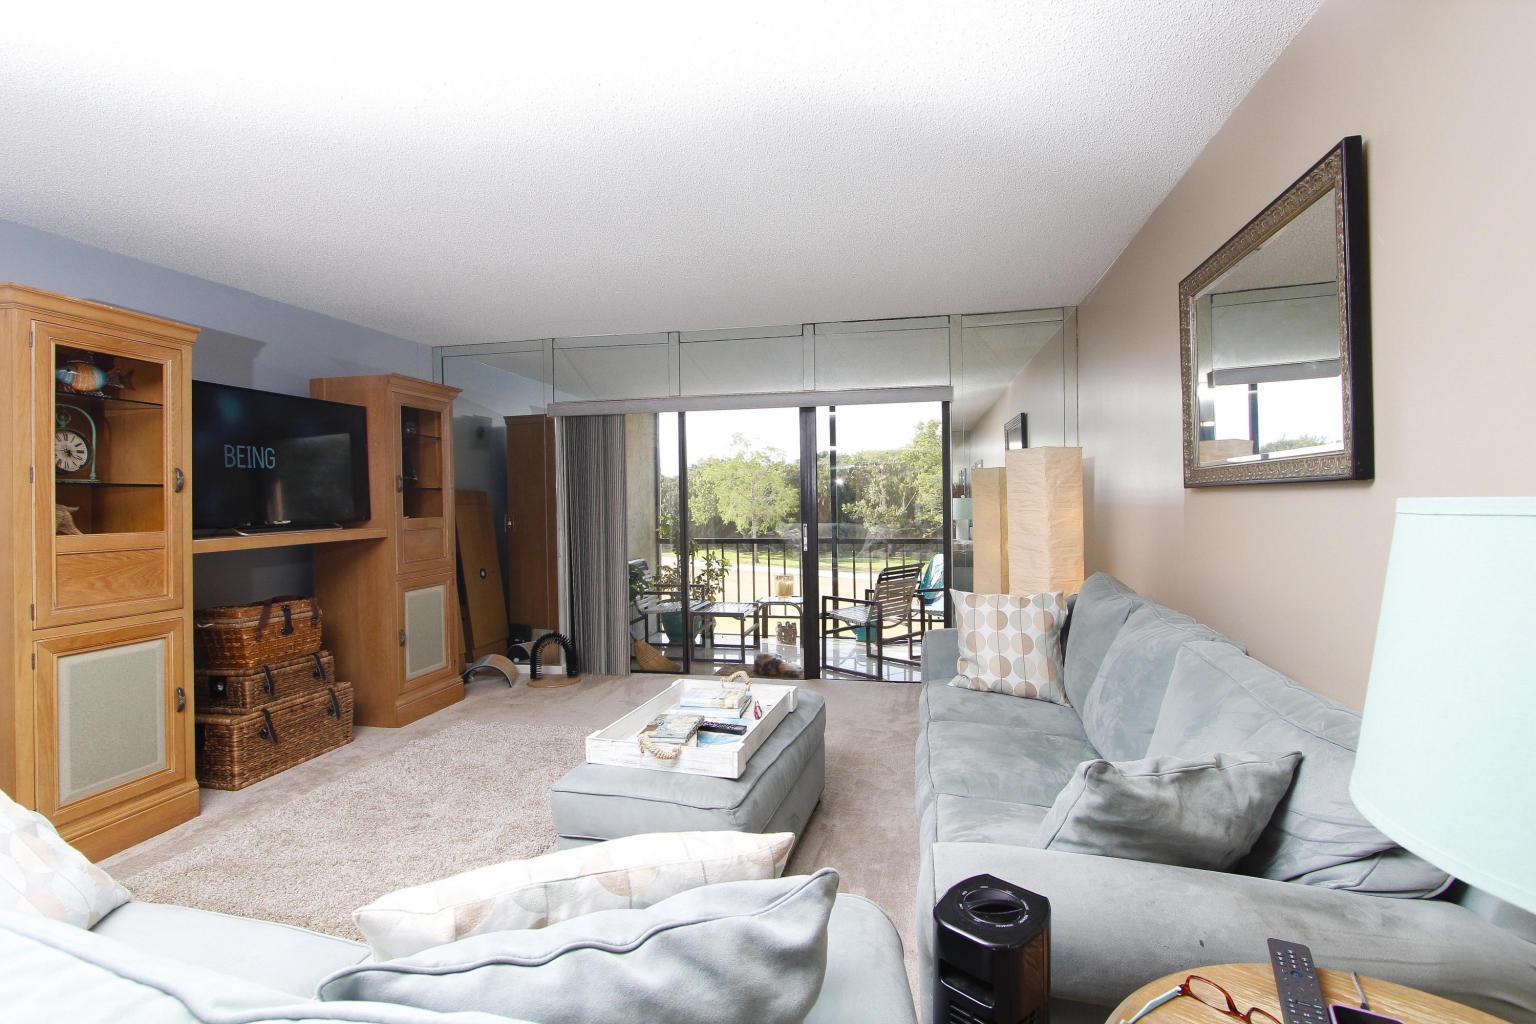 21459 Juego Circle, Boca Raton, Florida 33433, 2 Bedrooms Bedrooms, ,2 BathroomsBathrooms,Condo/Coop,For Sale,Juego,2,RX-10461285